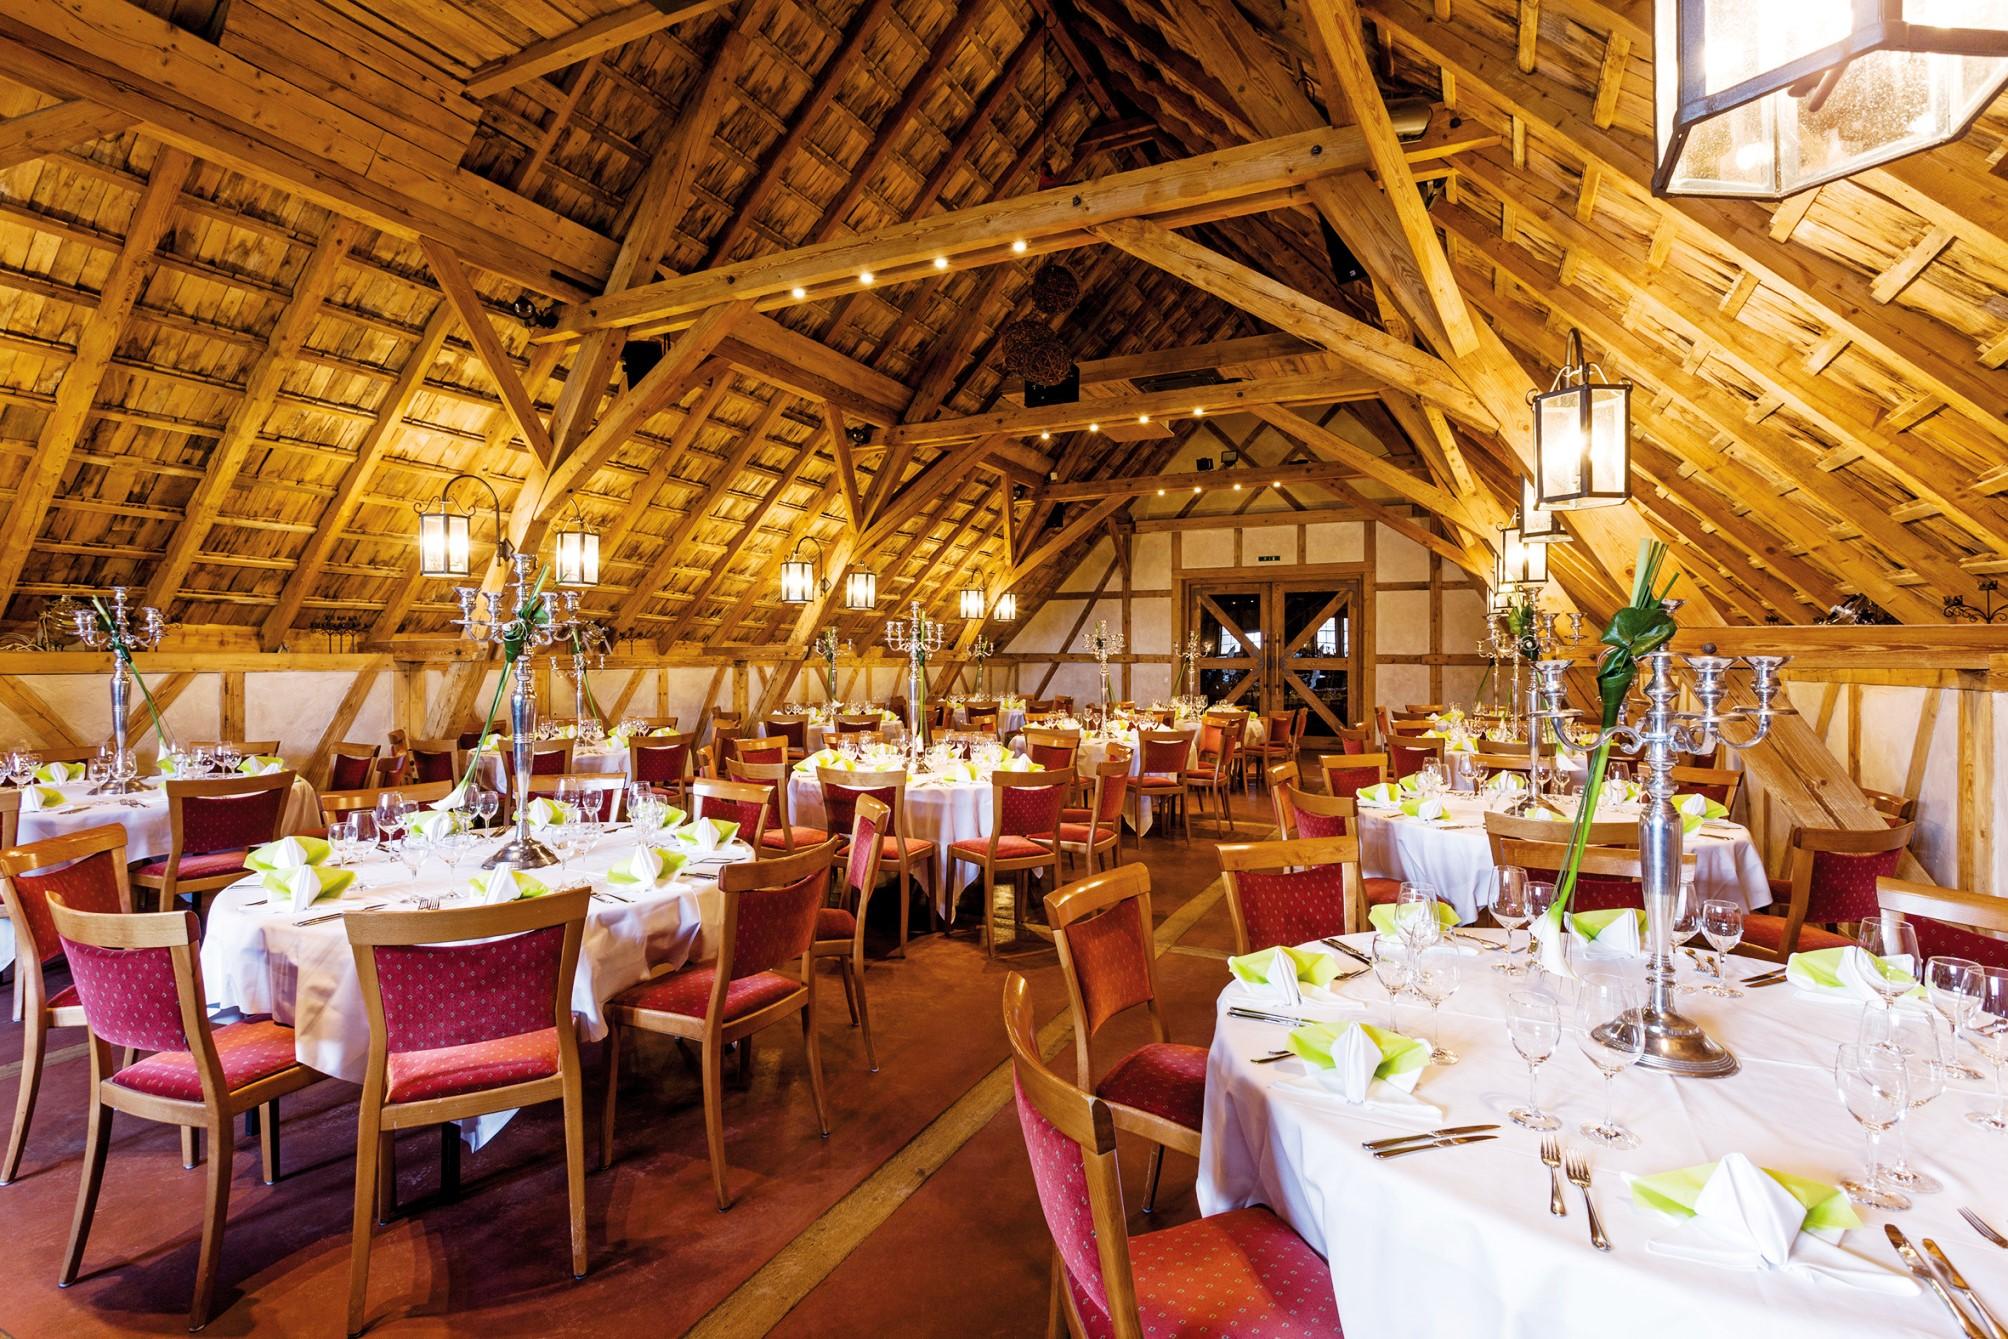 Hirsch Hotel - Restaurant in Neu-Ulm/Finningen